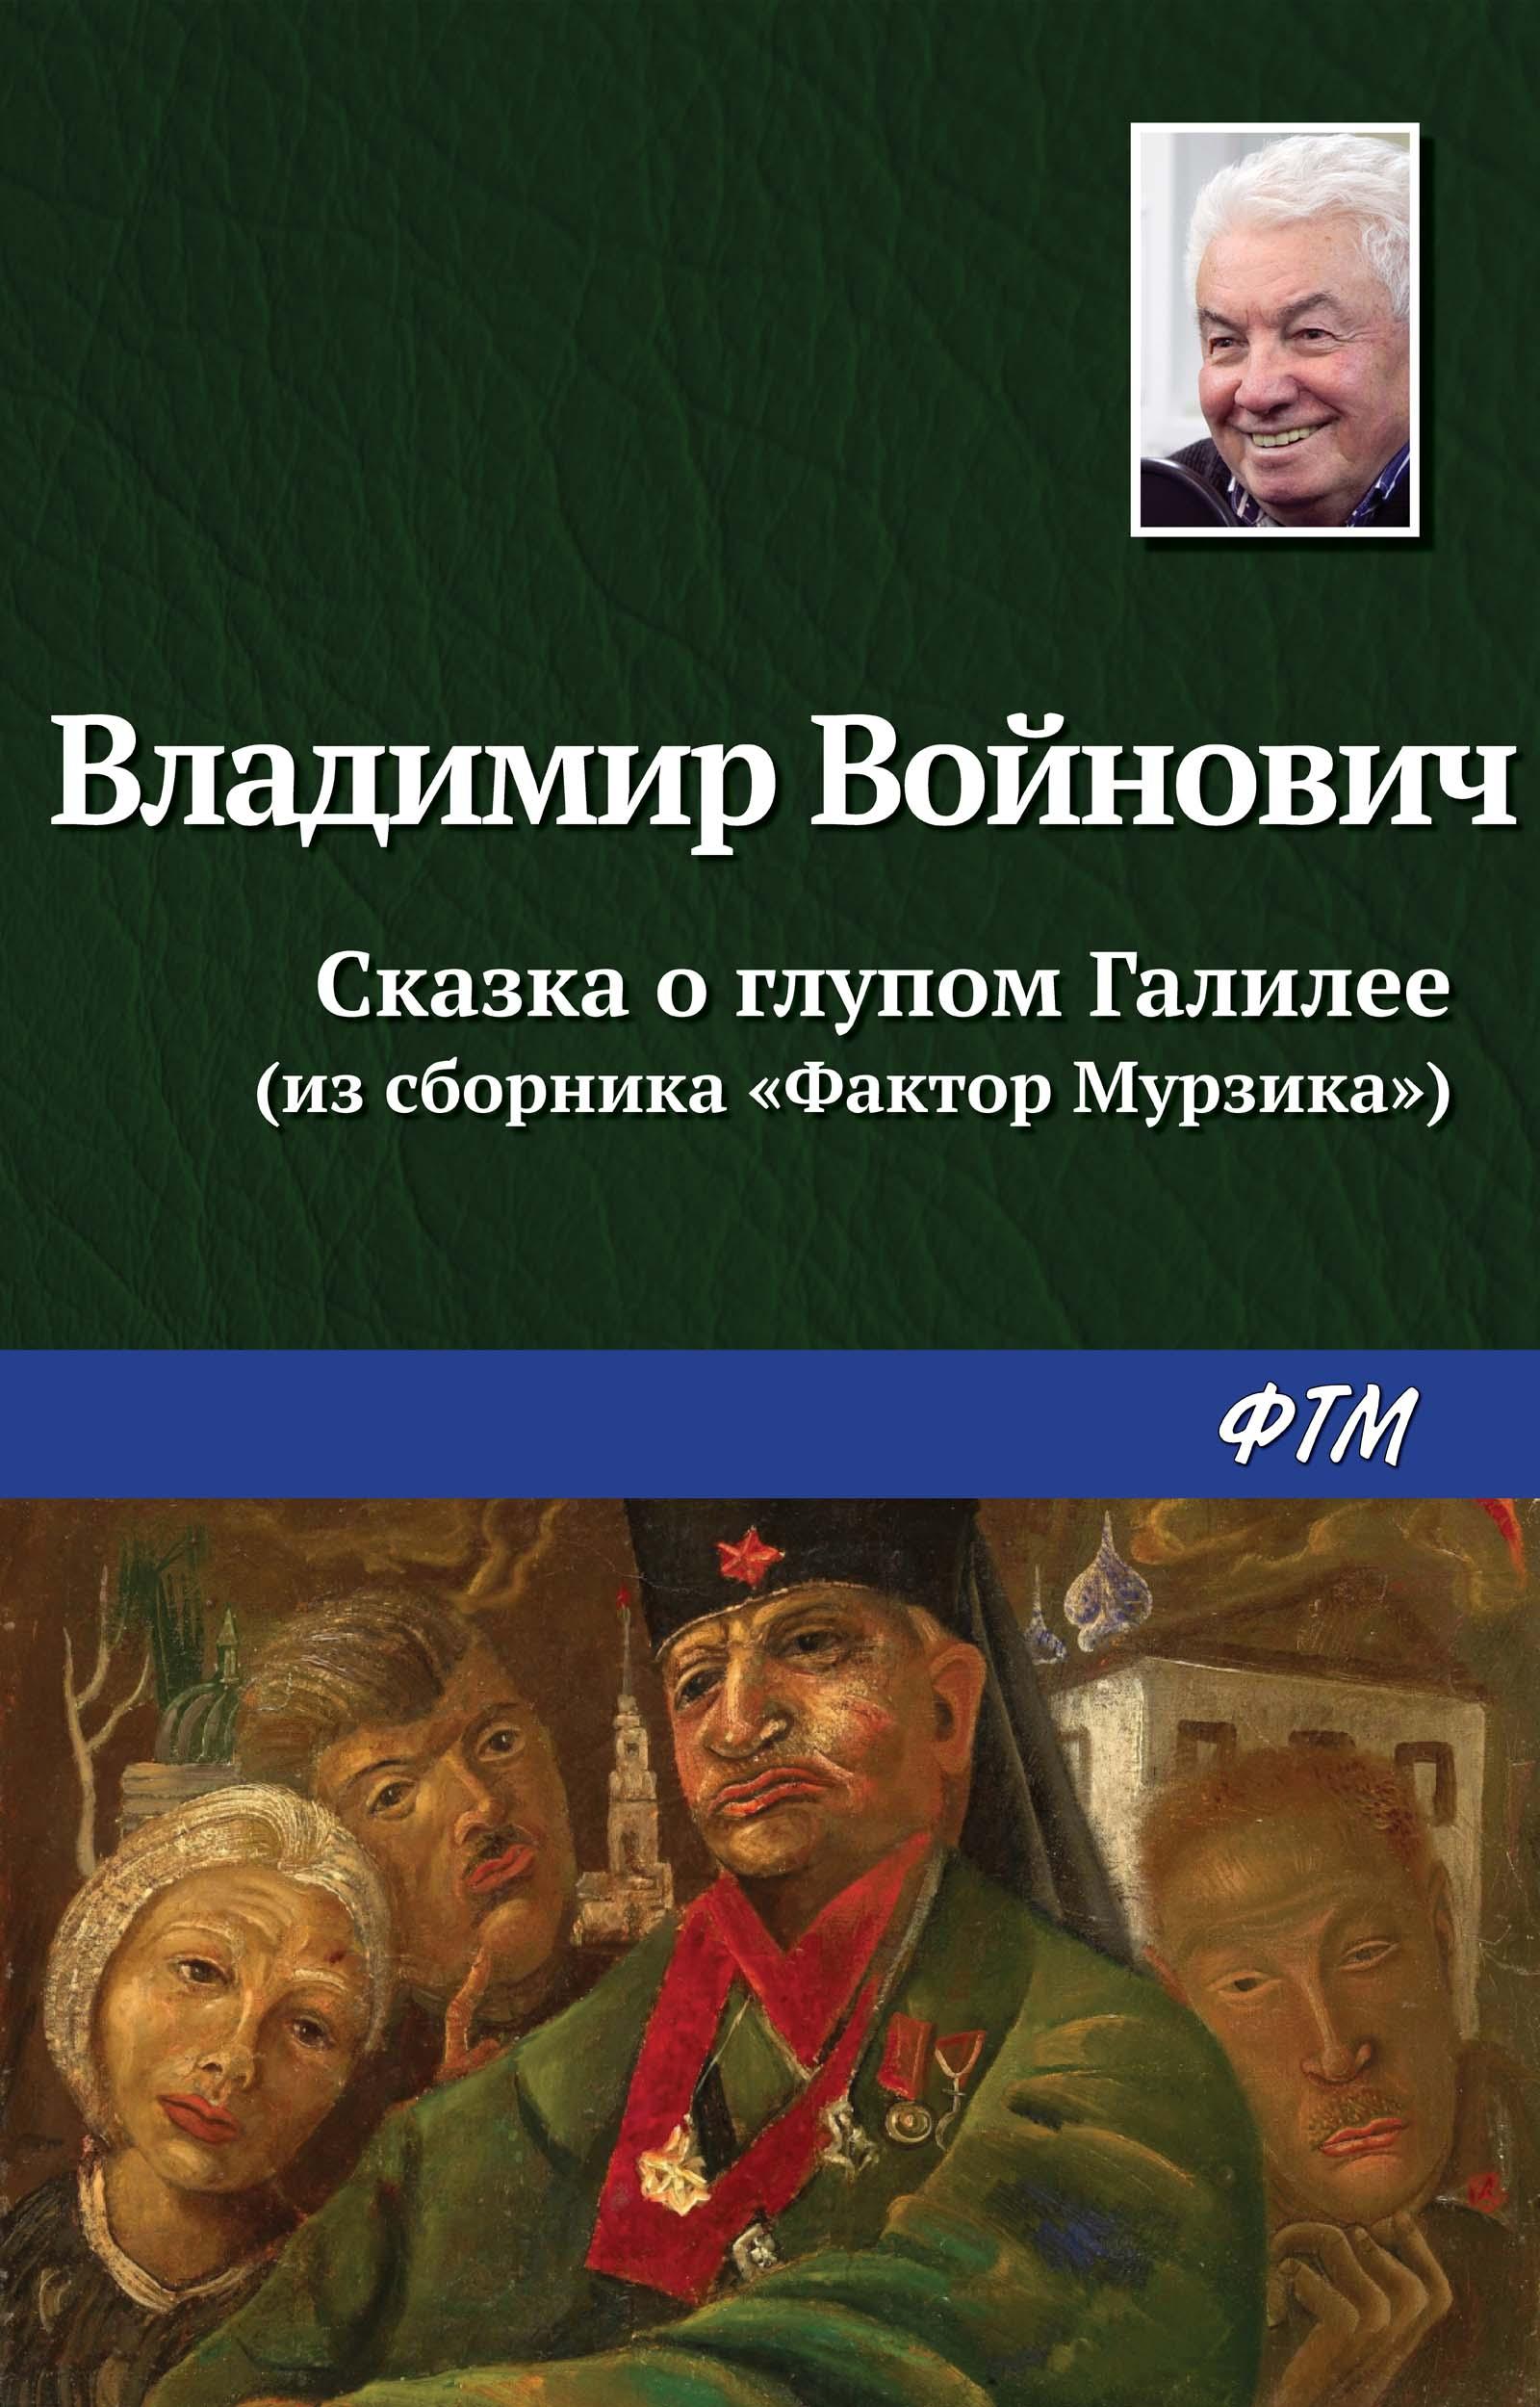 Владимир Войнович «Сказка о глупом Галилее»